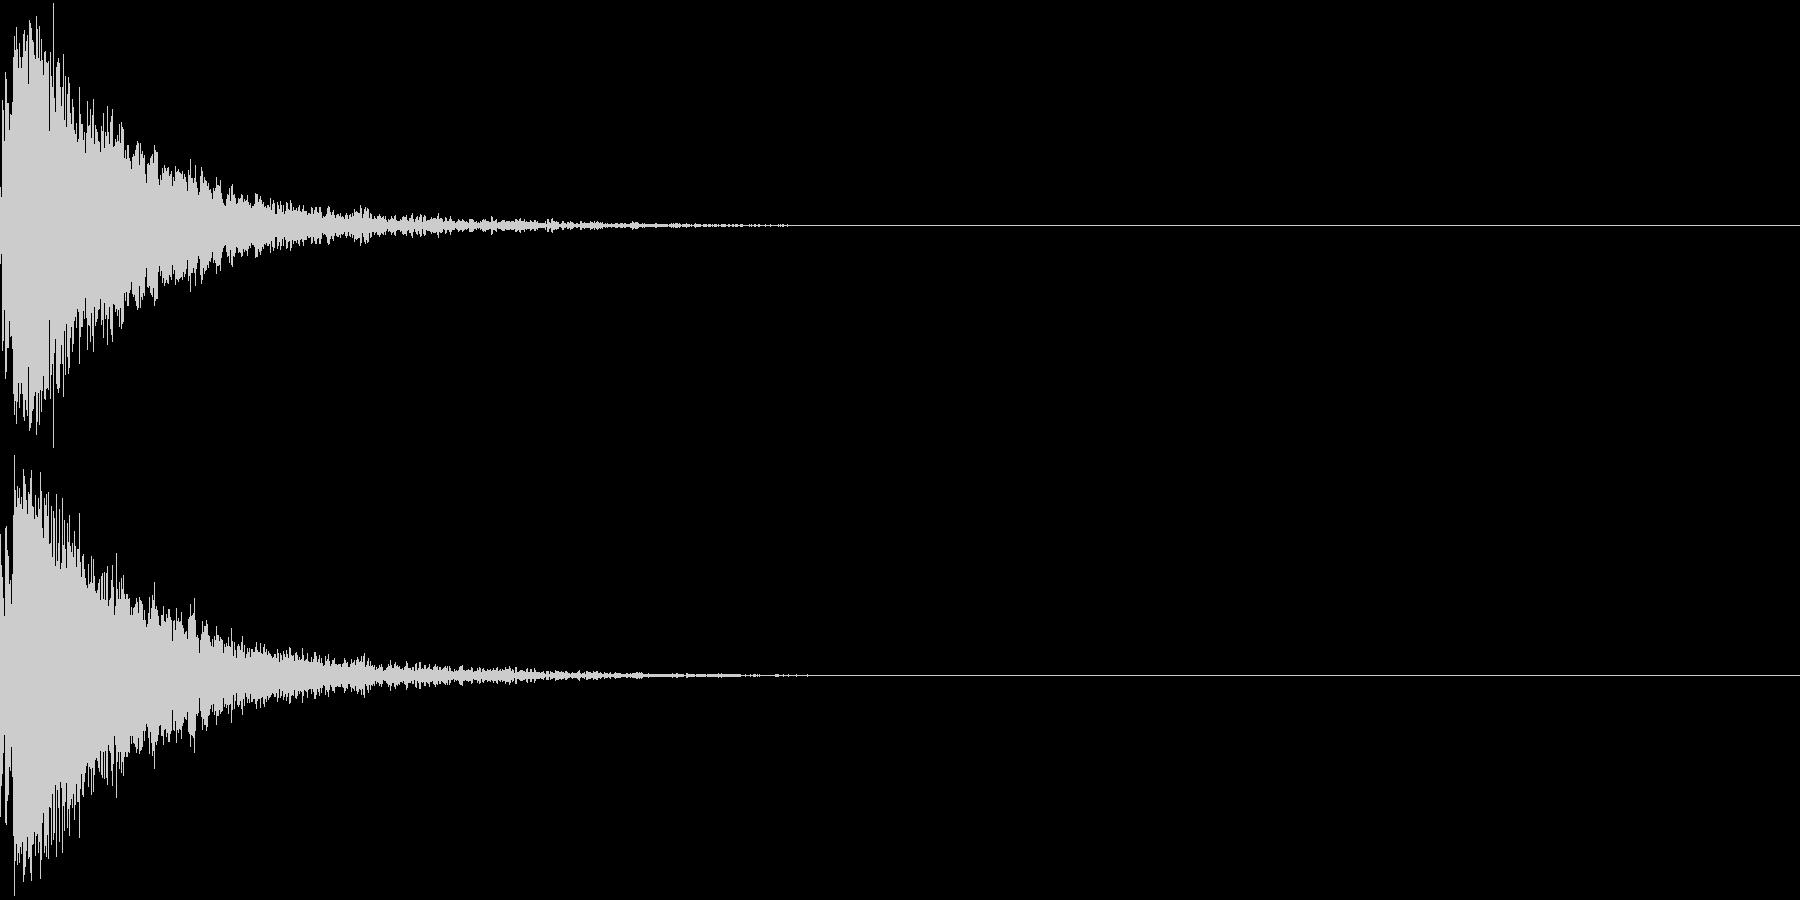 刀 剣 カキーン シャキーン 目立つ02の未再生の波形